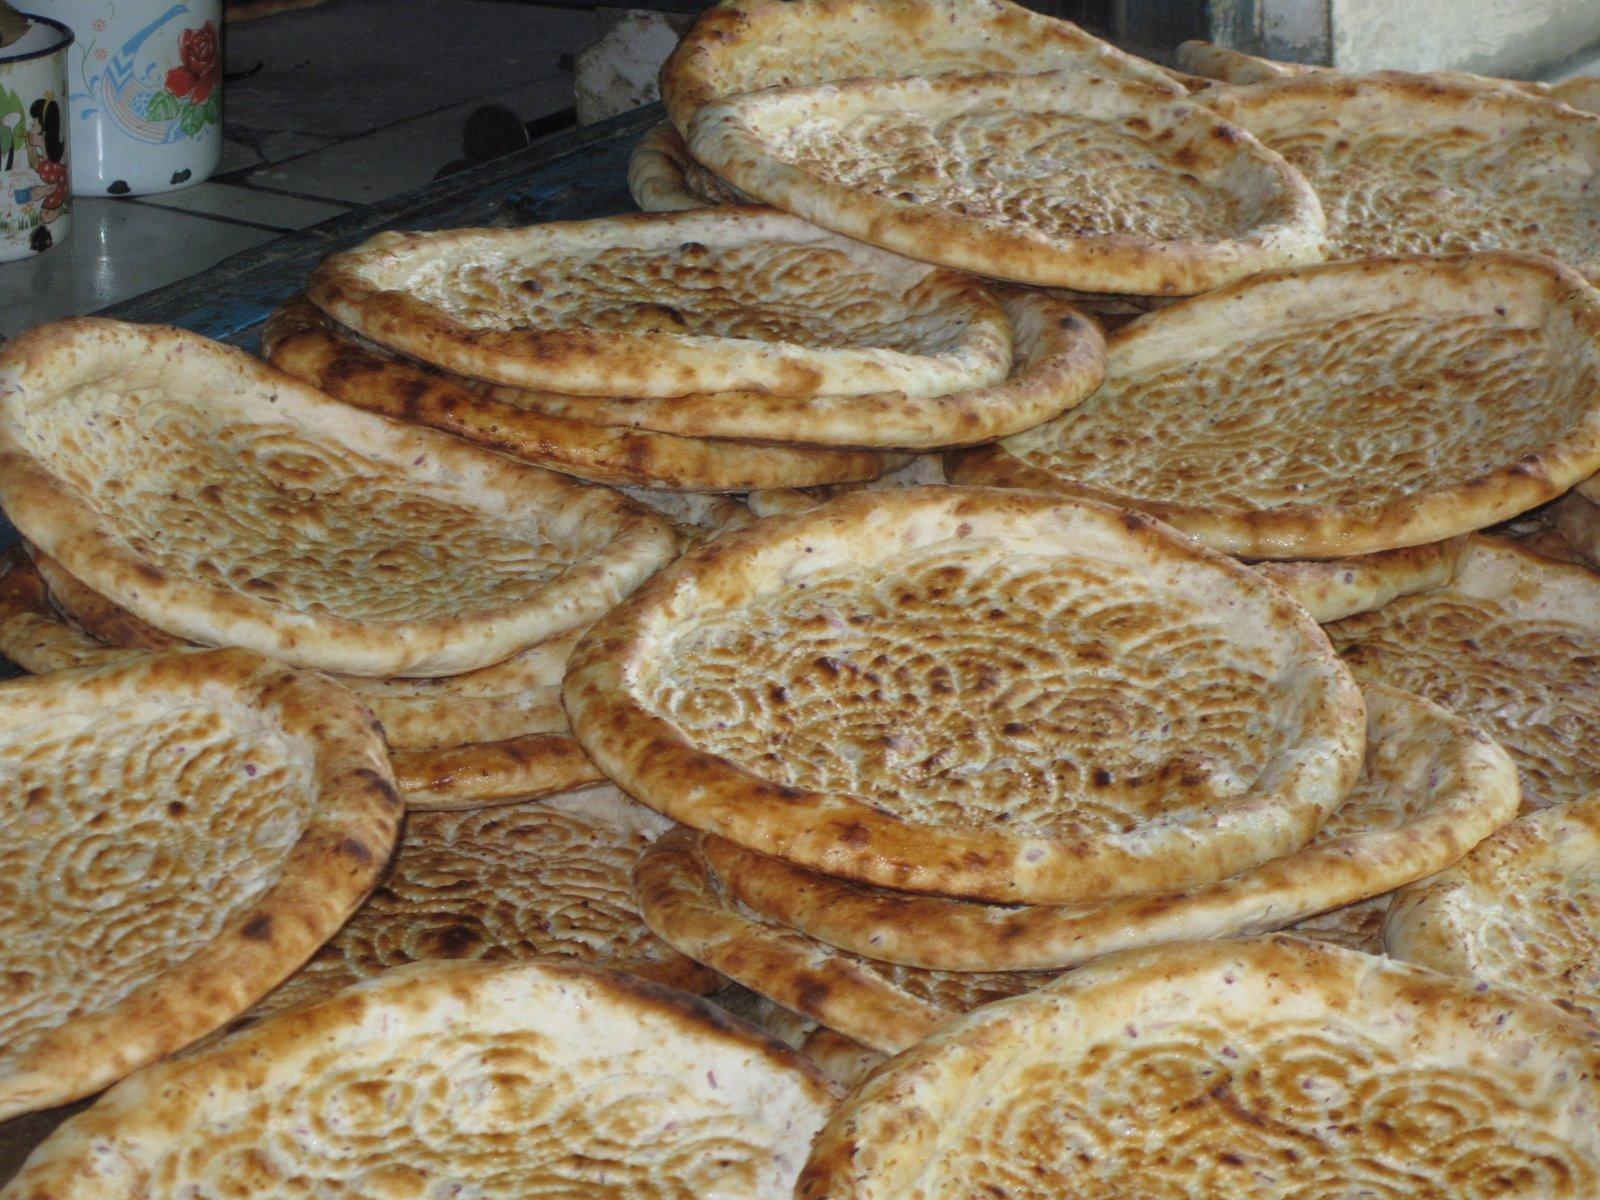 A nam a legfőbb ujgur pékáru. Íze nyugatias, nem édes. Frissen kifejezetten jó.